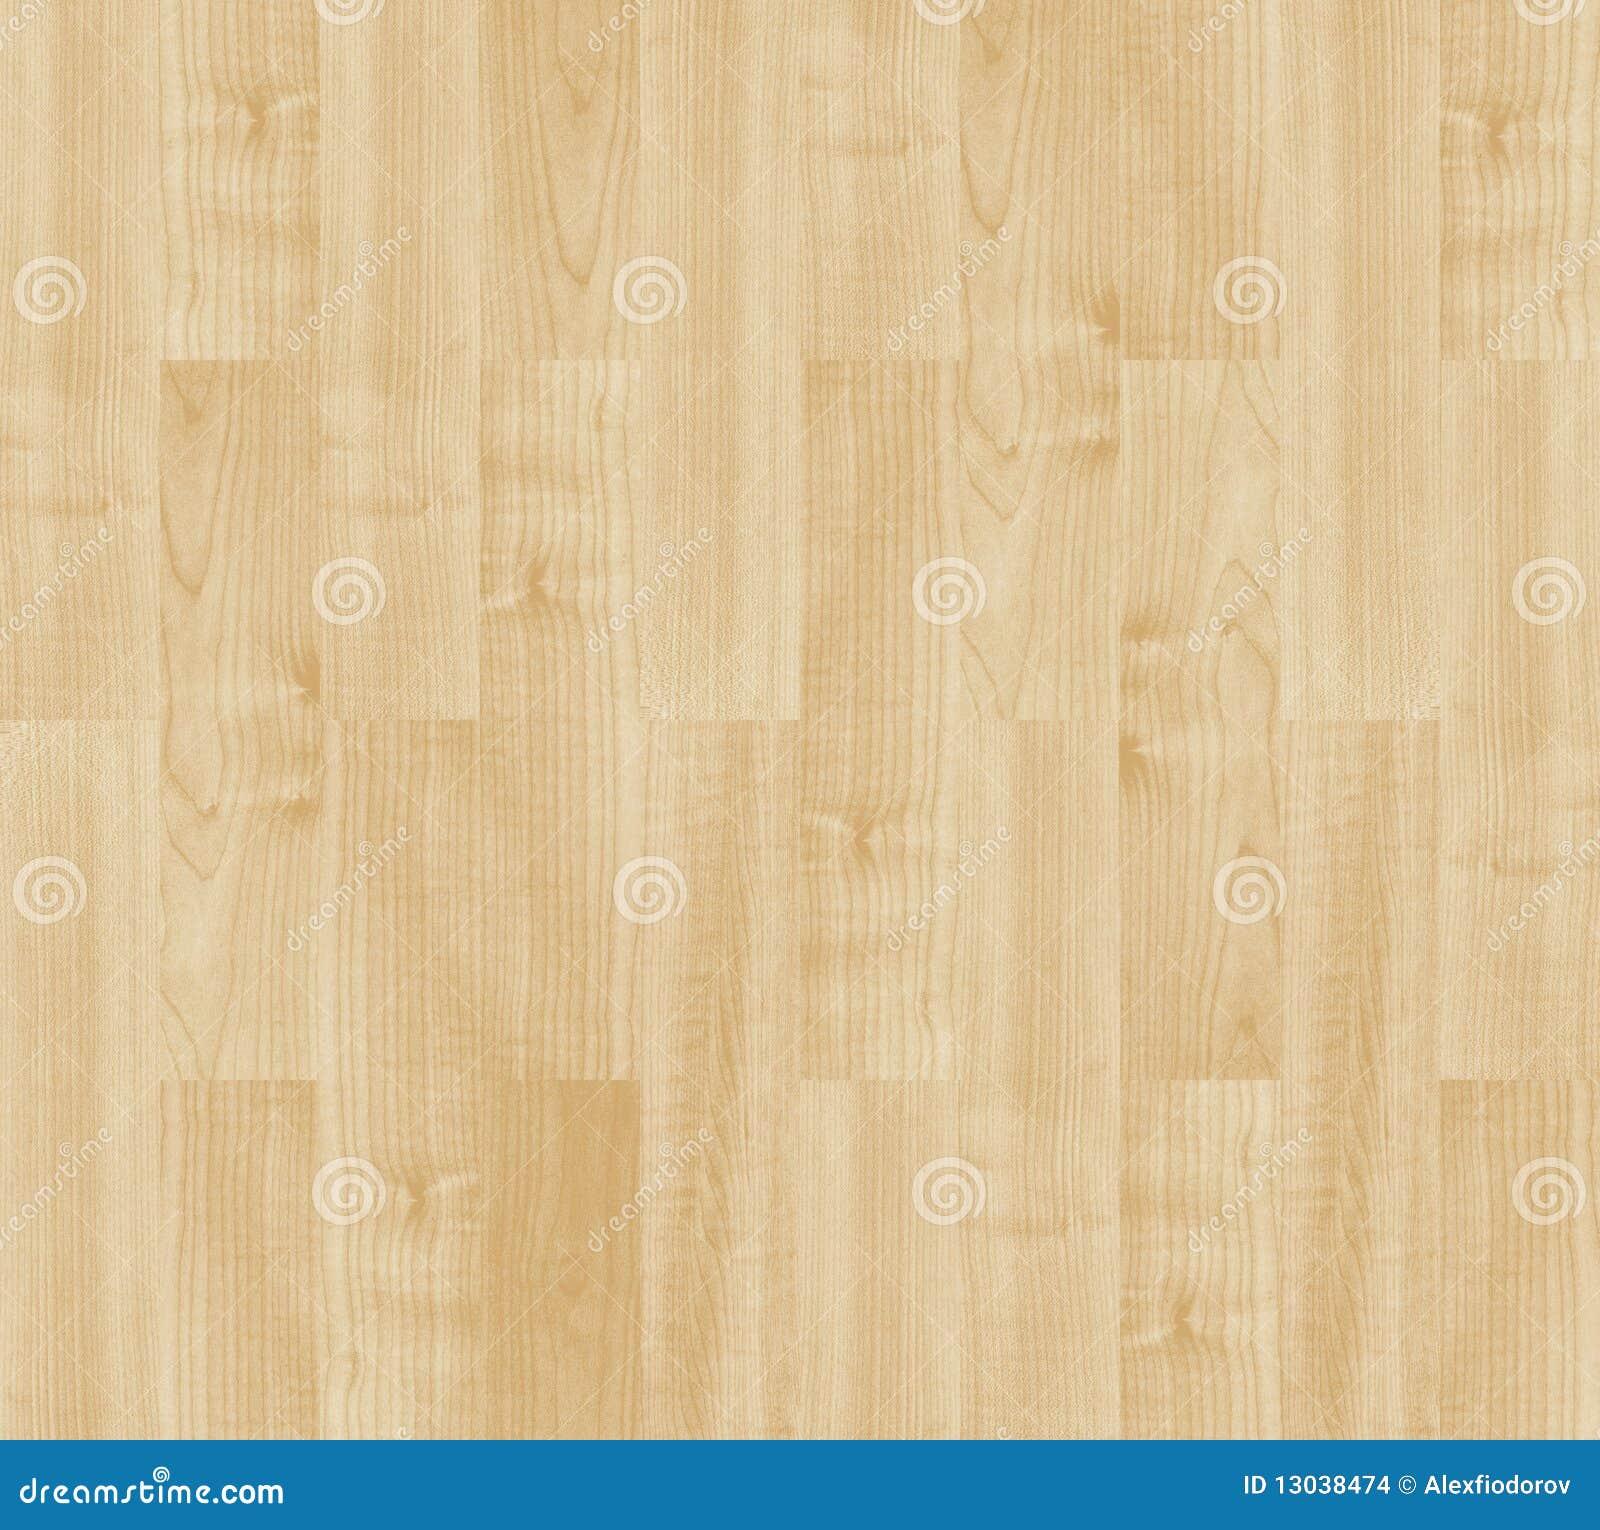 Het naadloze patroon van het parket voor ononderbroken herhaling stock afbeeldingen - Ruimte van het meisje parket ...